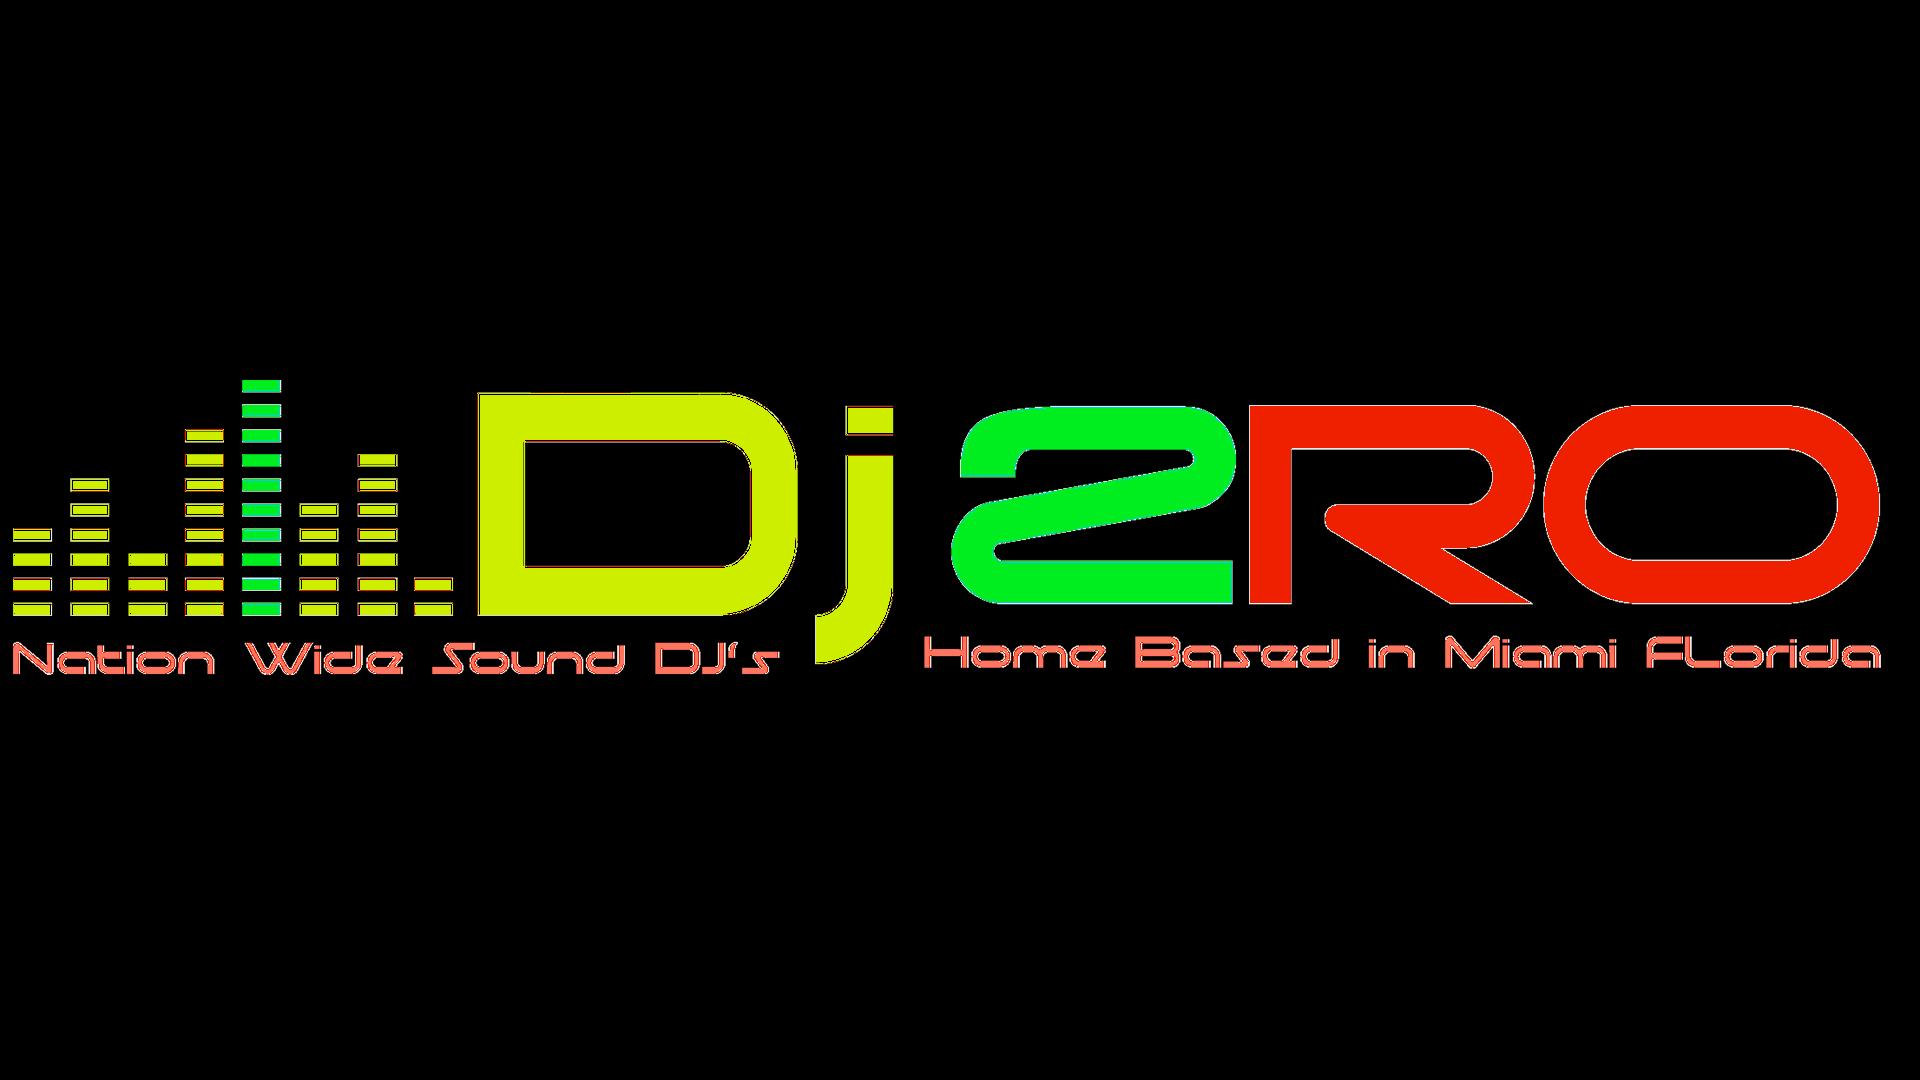 DJ 2RO IMAGES MIAMI